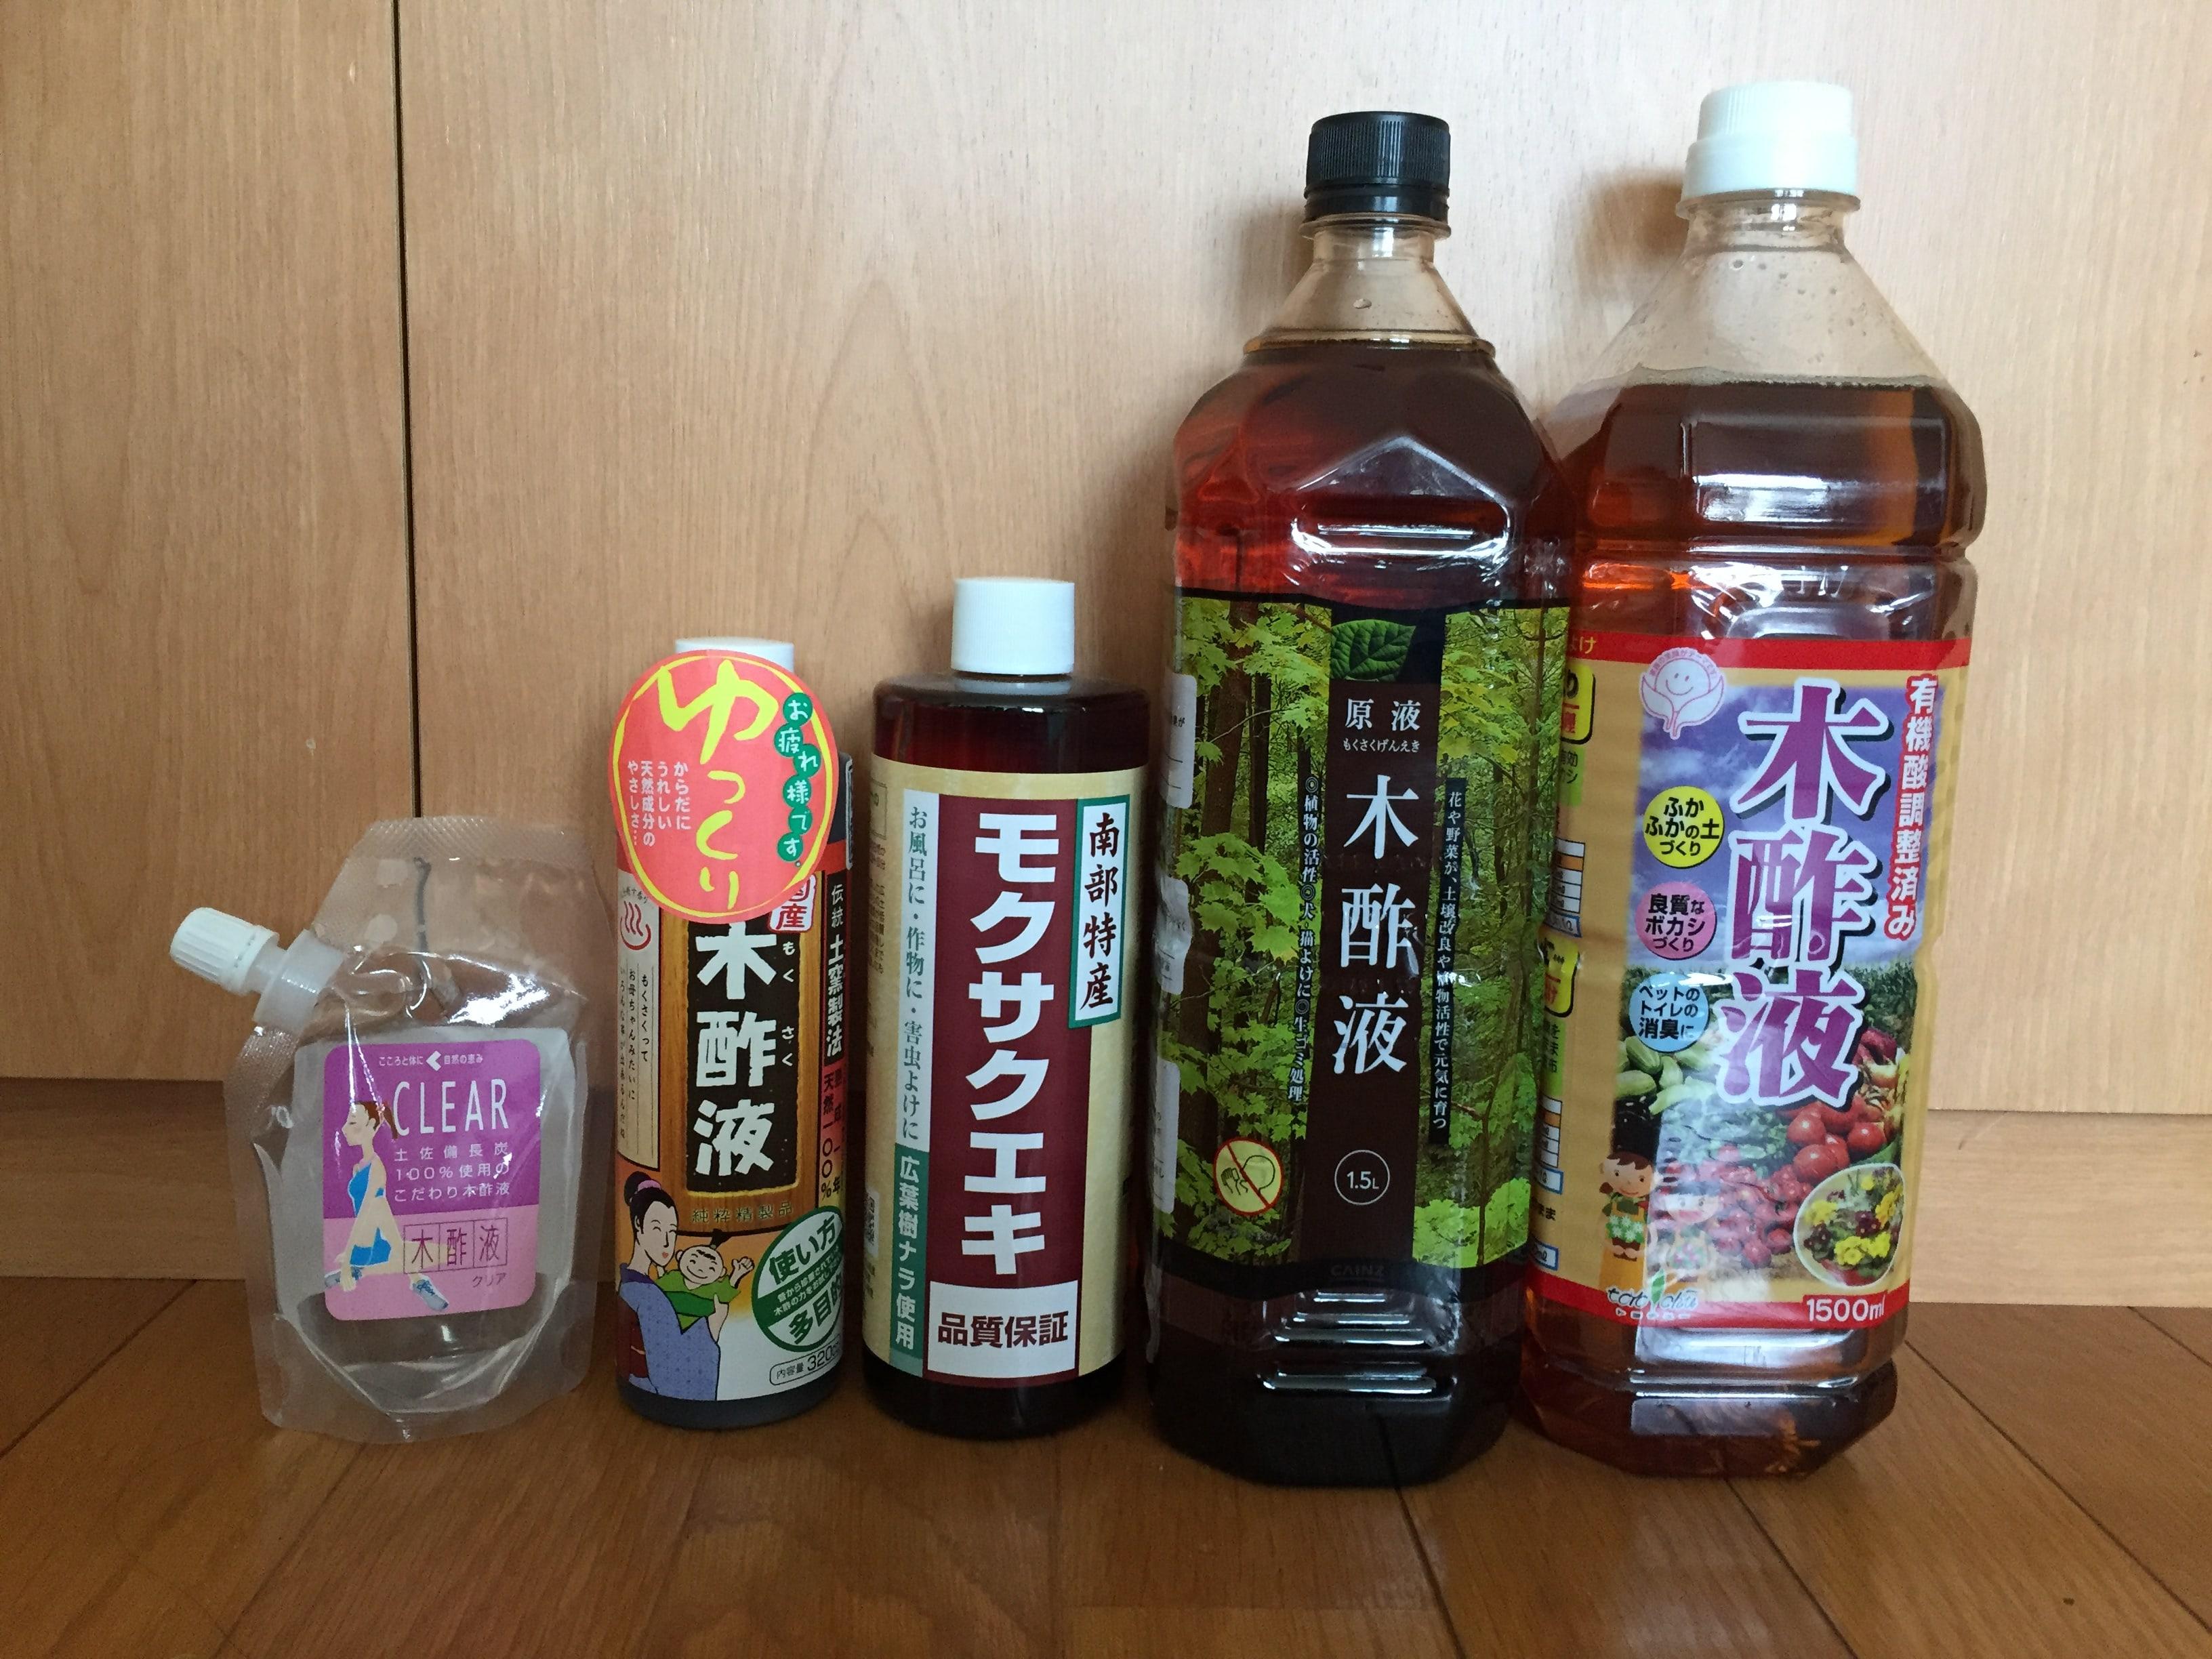 Amazonランキング上位&市販の木酢液を比べてみた①。木酢液ごとの特徴&選ぶポイント。|画像1